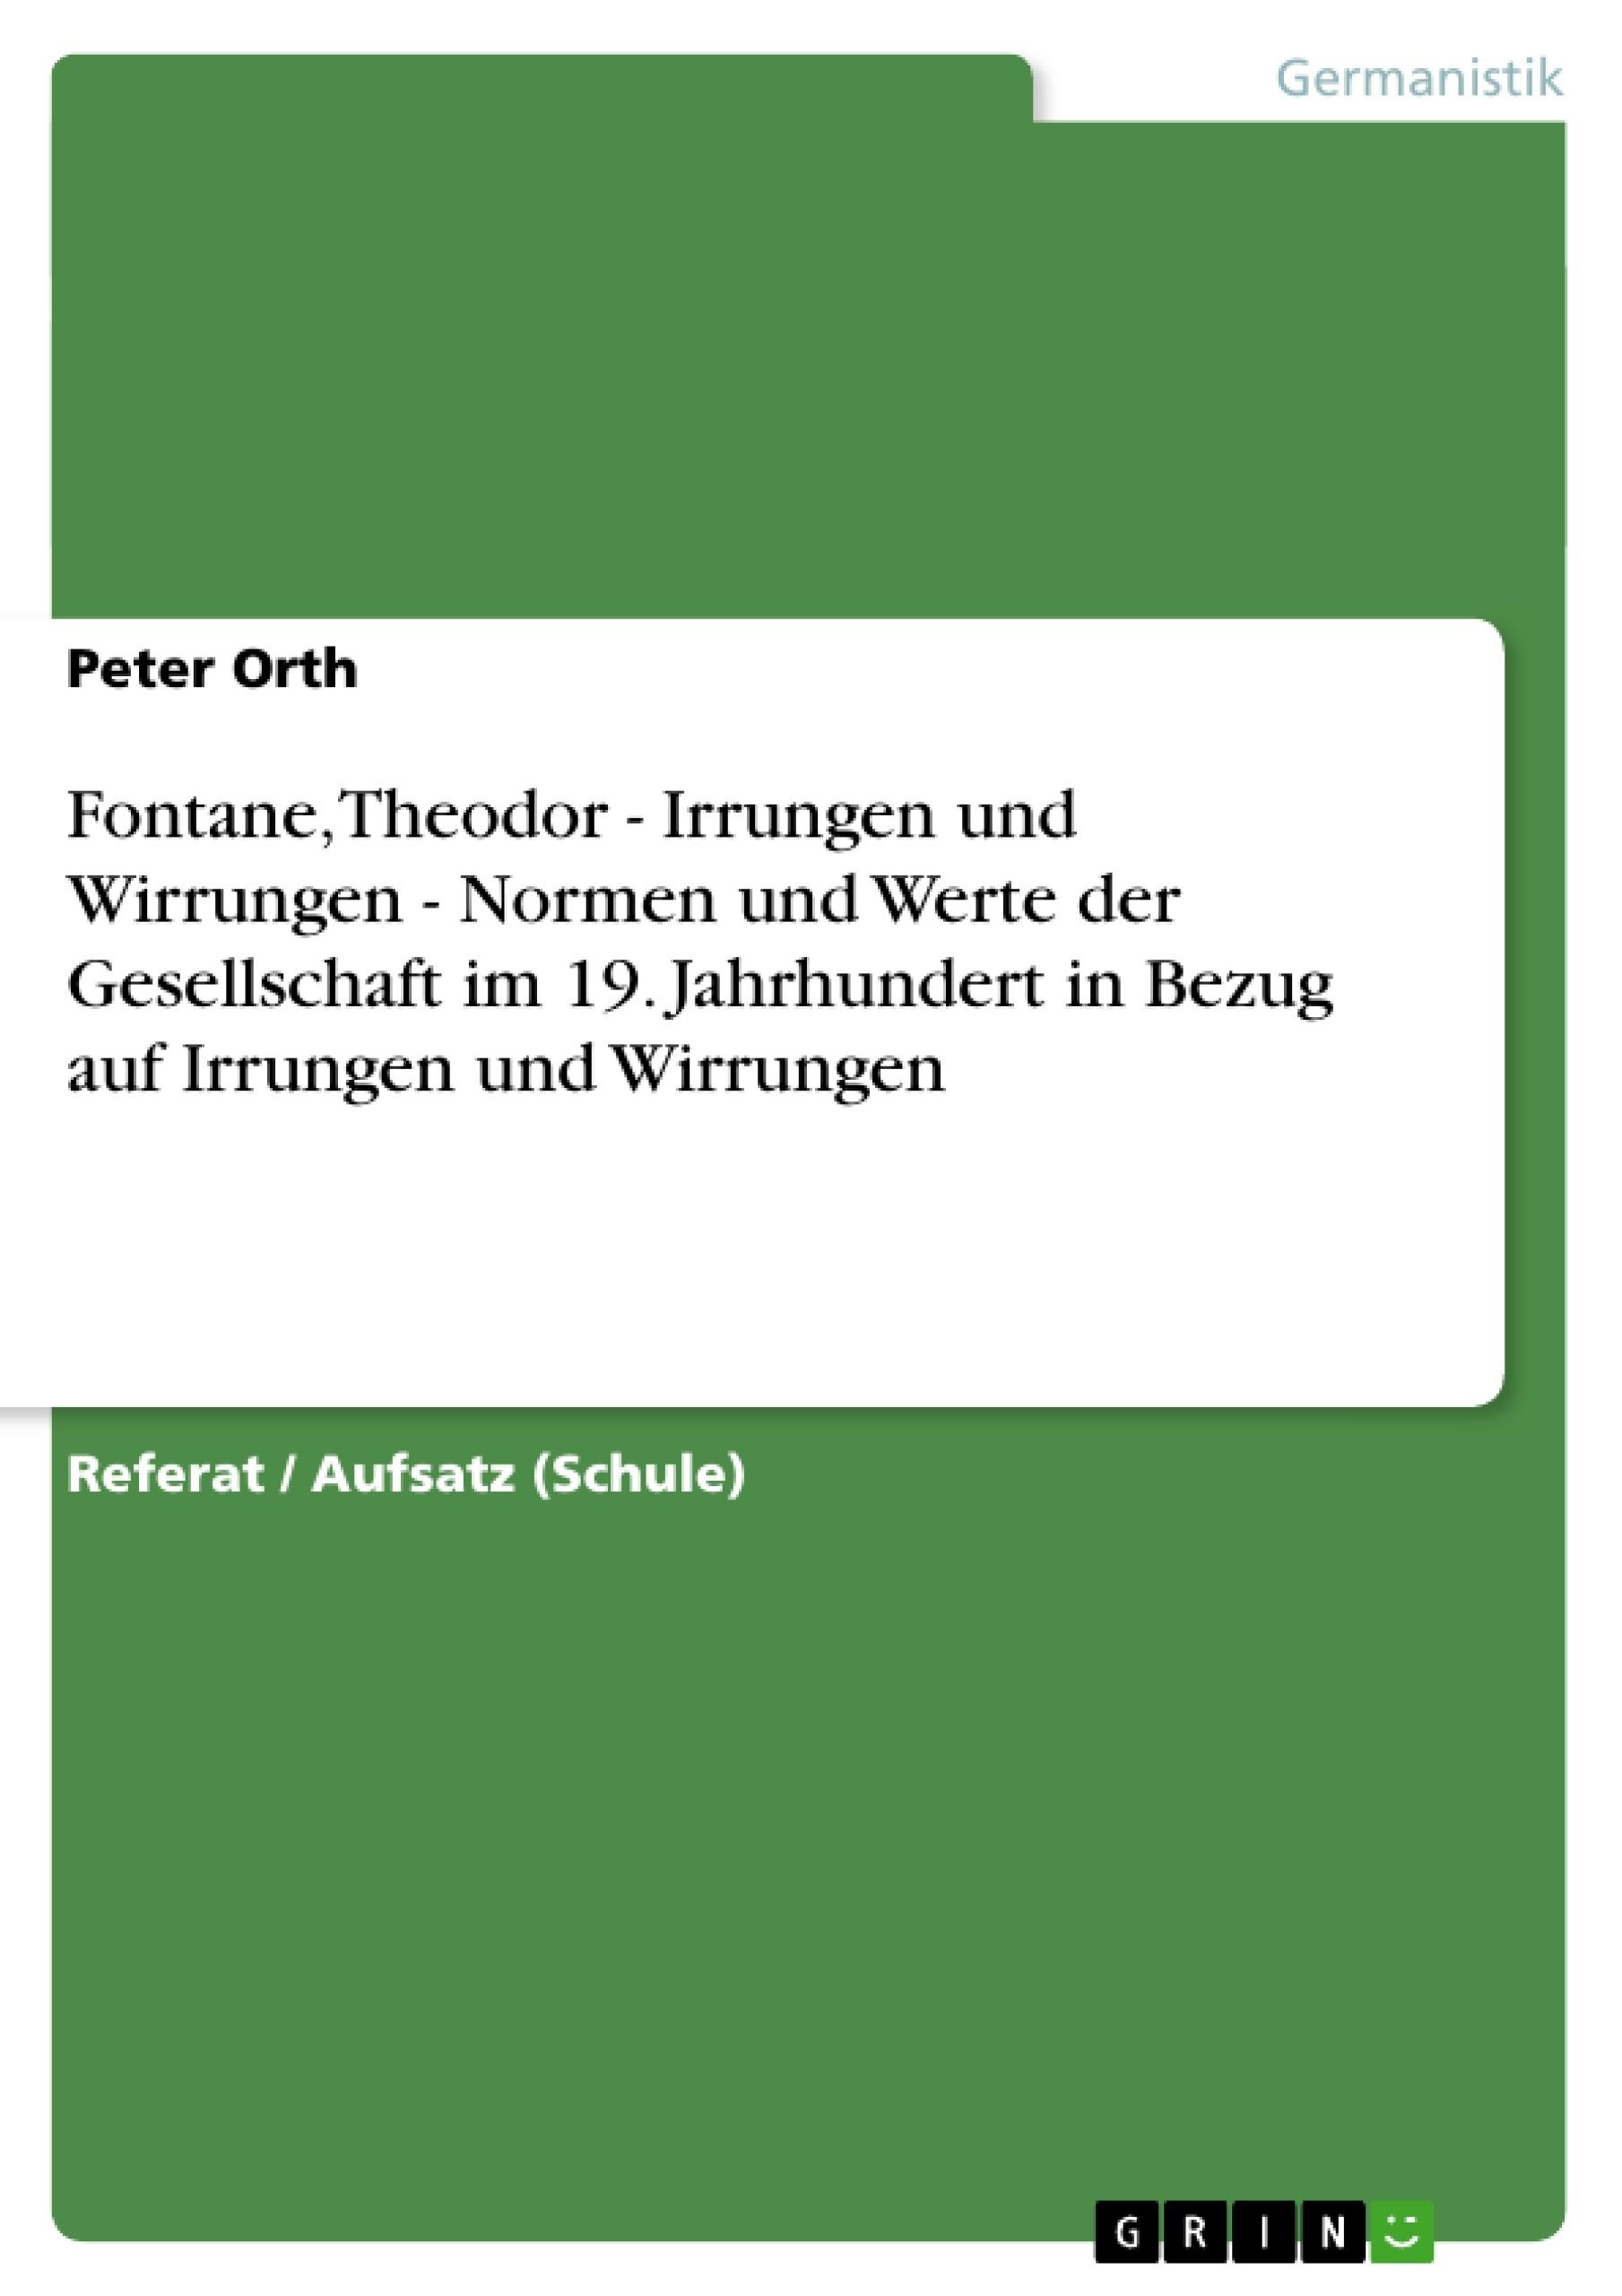 Titel: Fontane, Theodor - Irrungen und Wirrungen - Normen und Werte der Gesellschaft im 19. Jahrhundert in Bezug auf Irrungen und Wirrungen